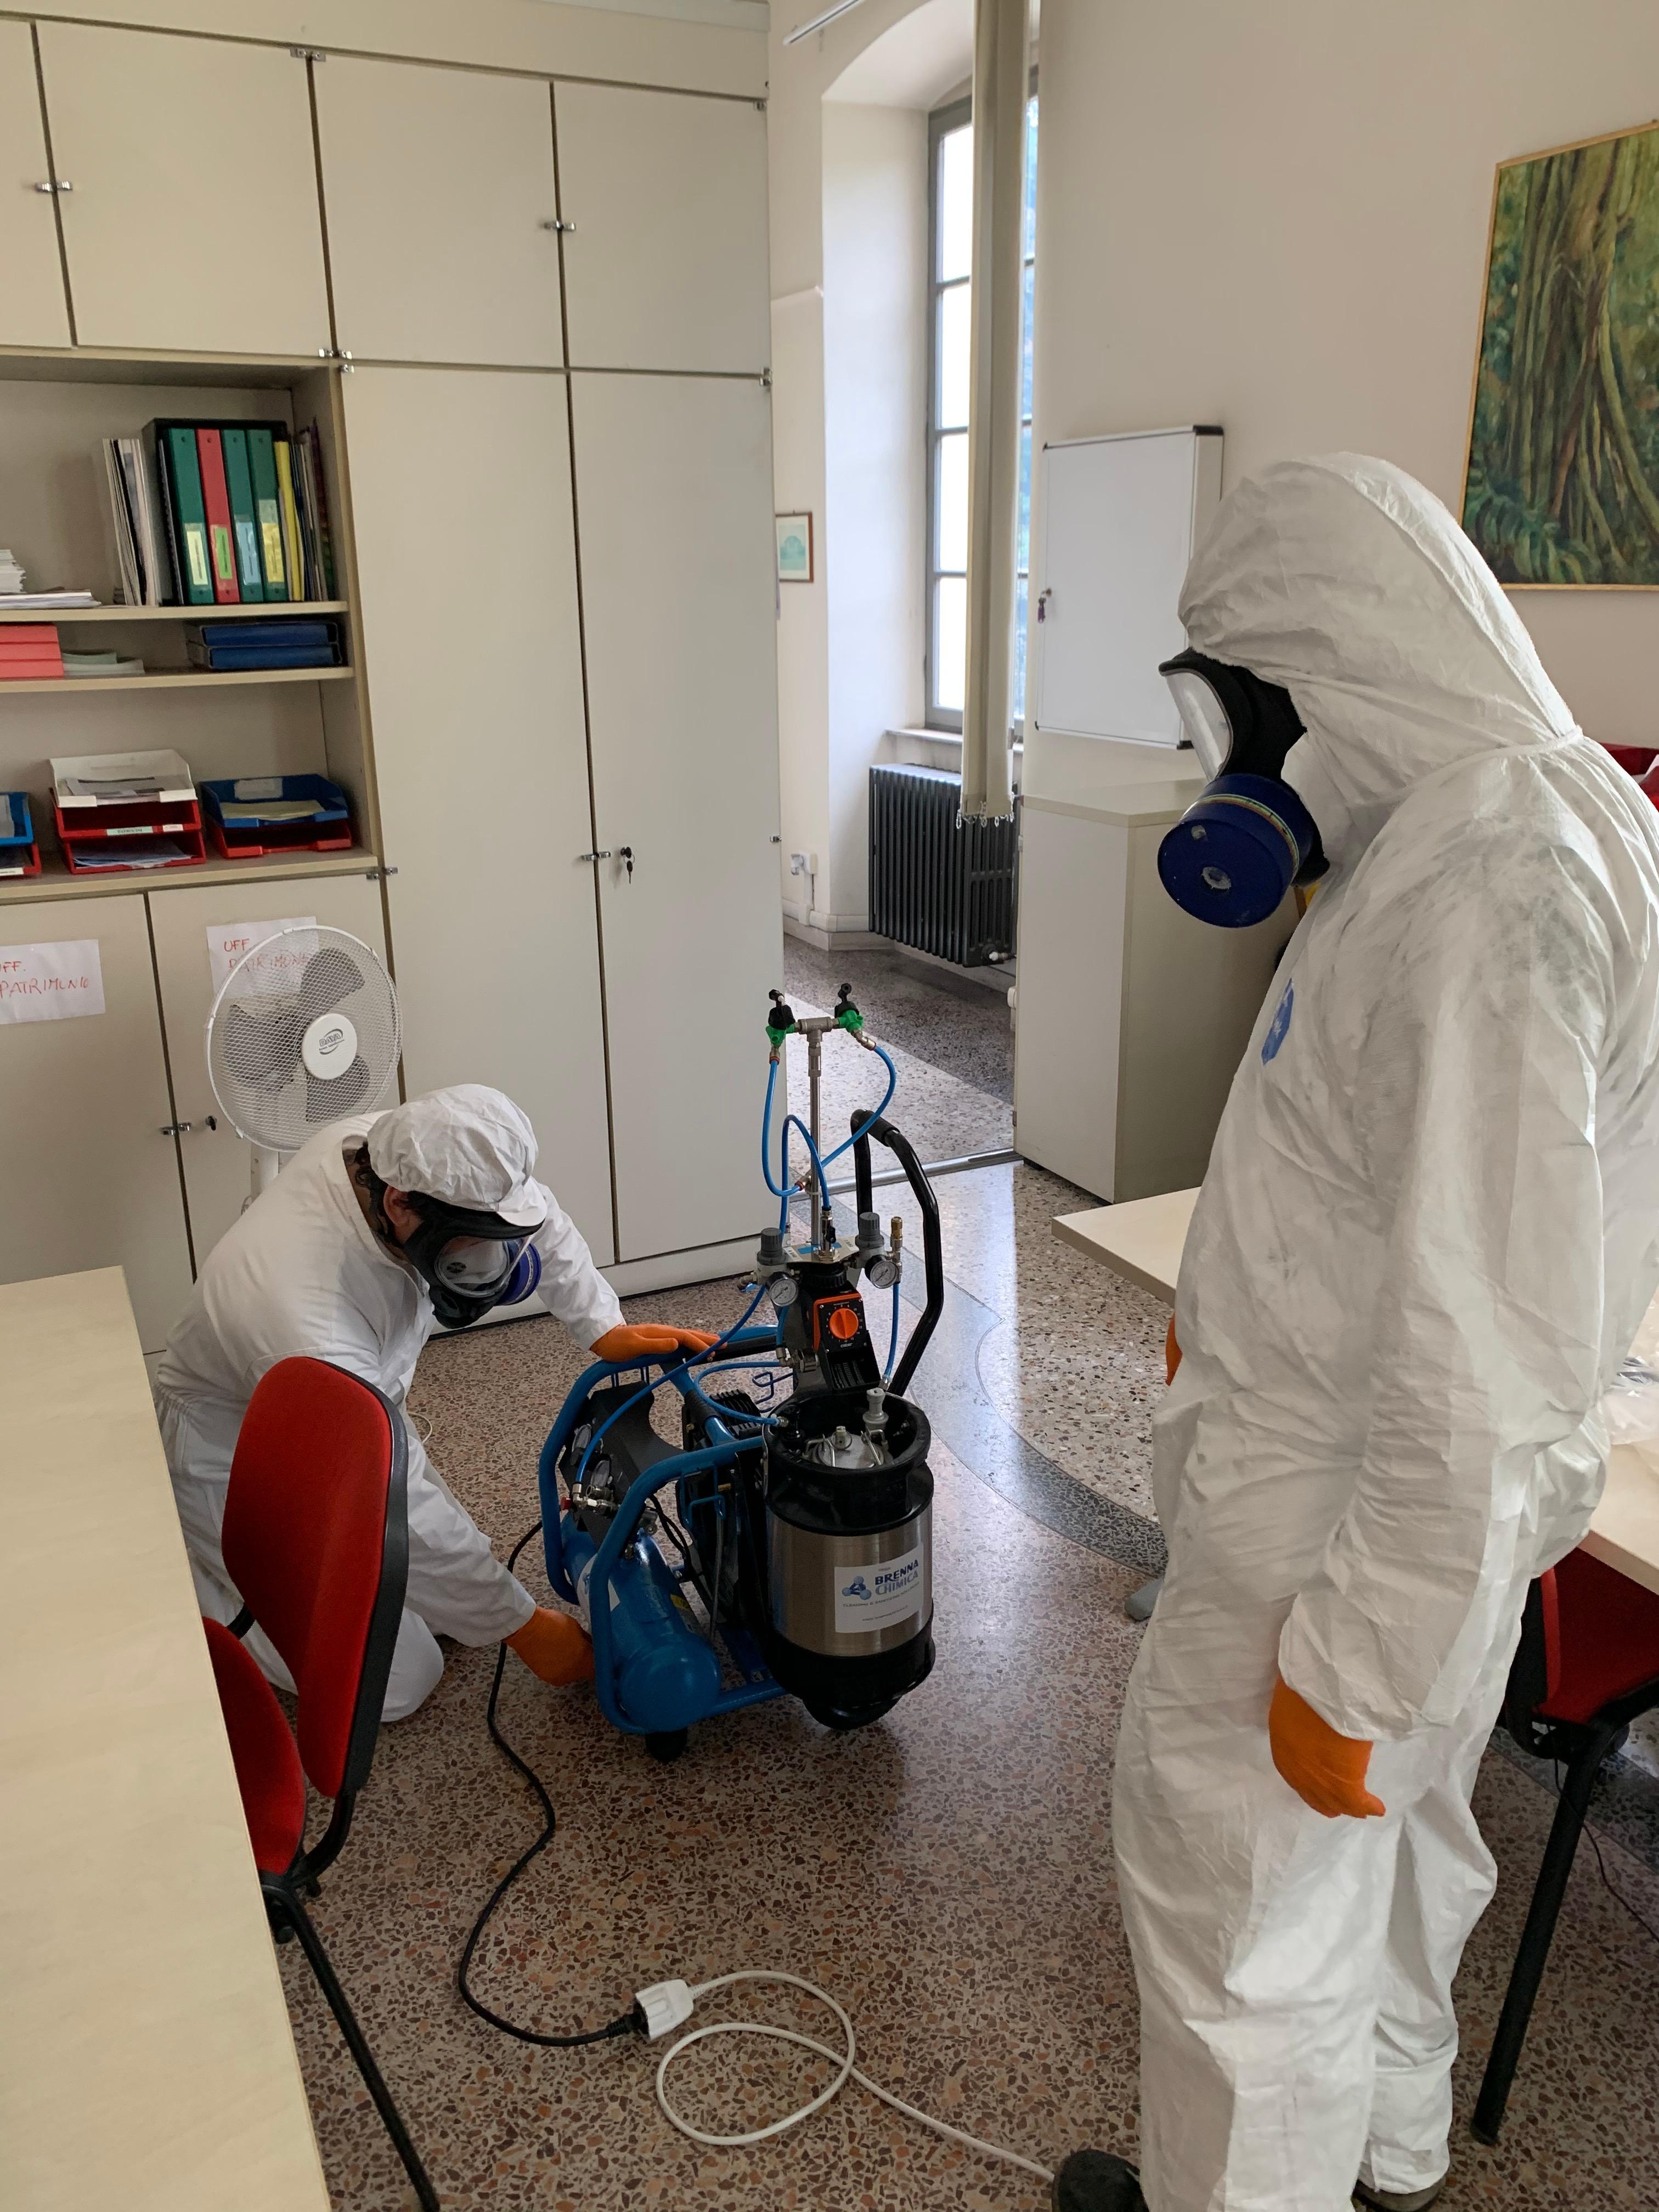 Disinfezione Ambienti: Come Fare